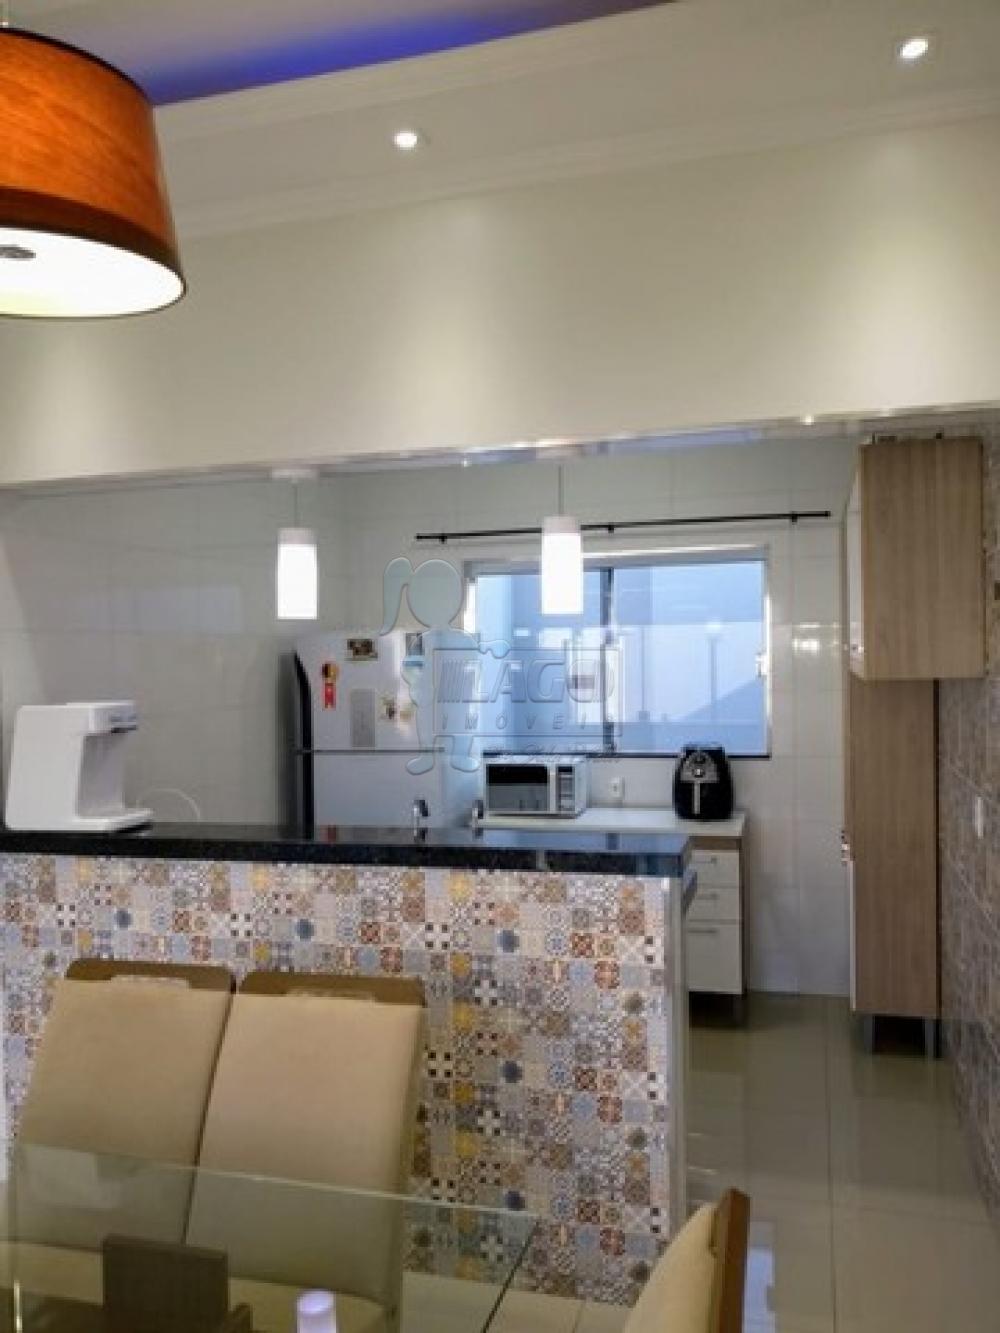 Comprar Casas / Padrão em Sertãozinho R$ 440.000,00 - Foto 4